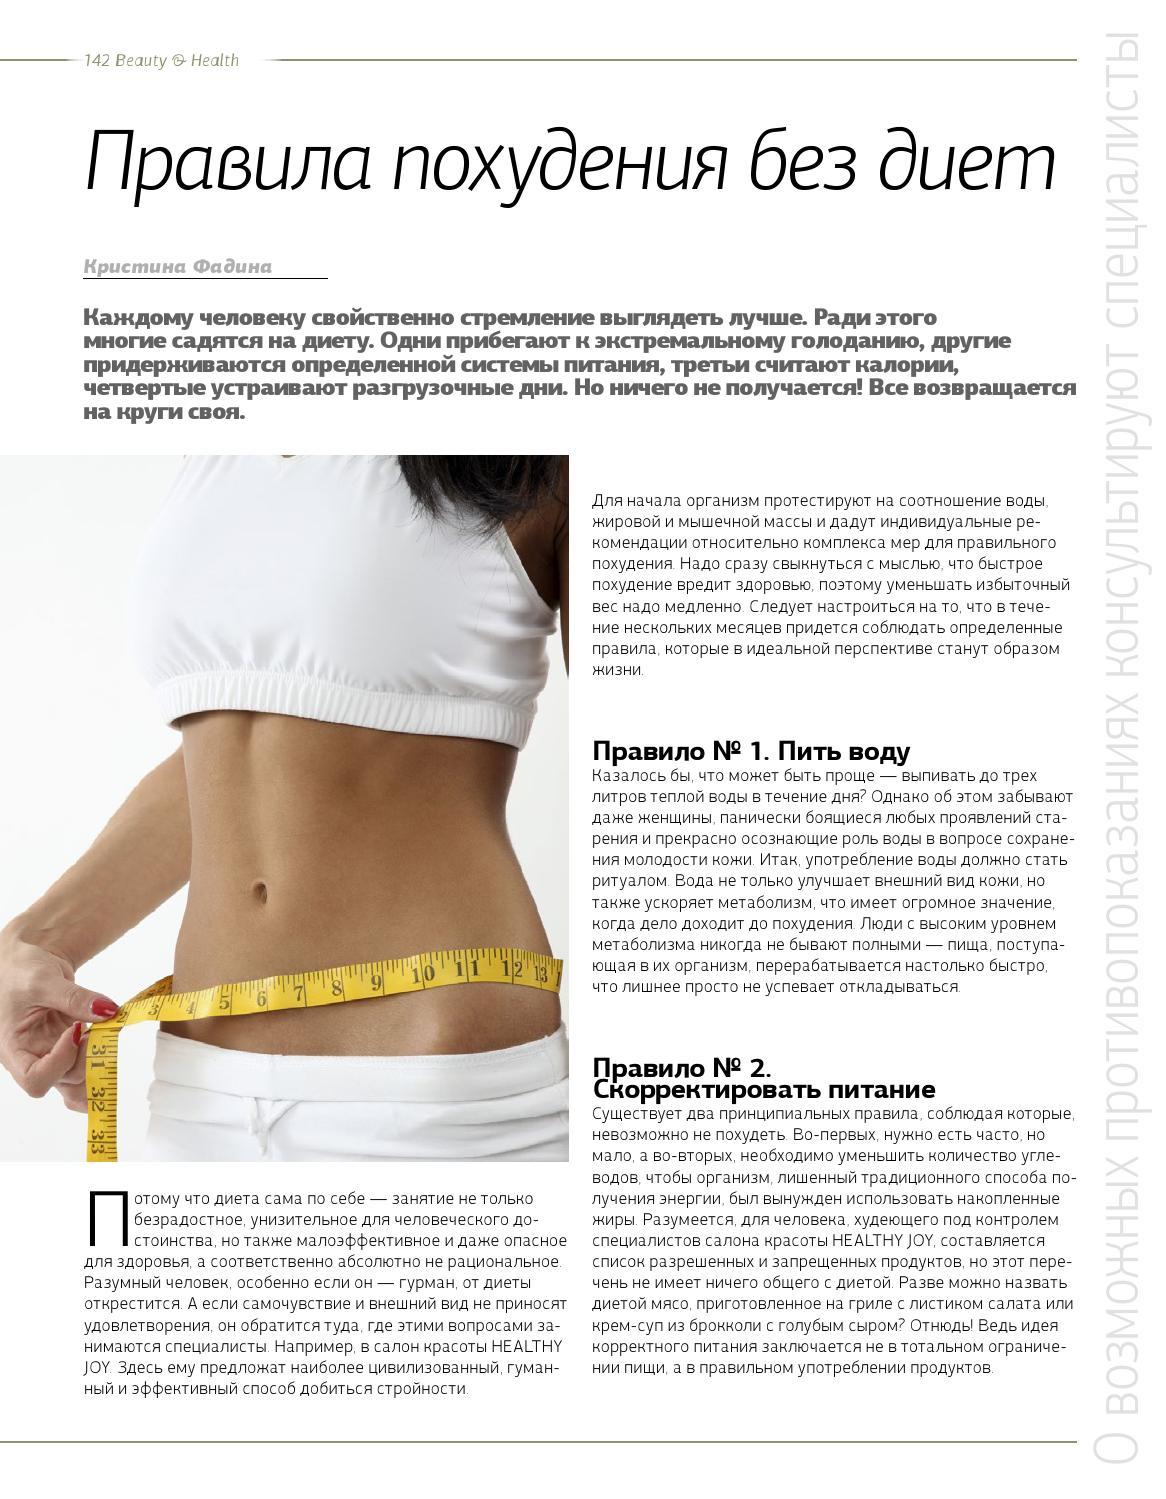 Как Легко Похудеть Правила. Как похудеть: 10 золотых правил избавления от лишнего веса